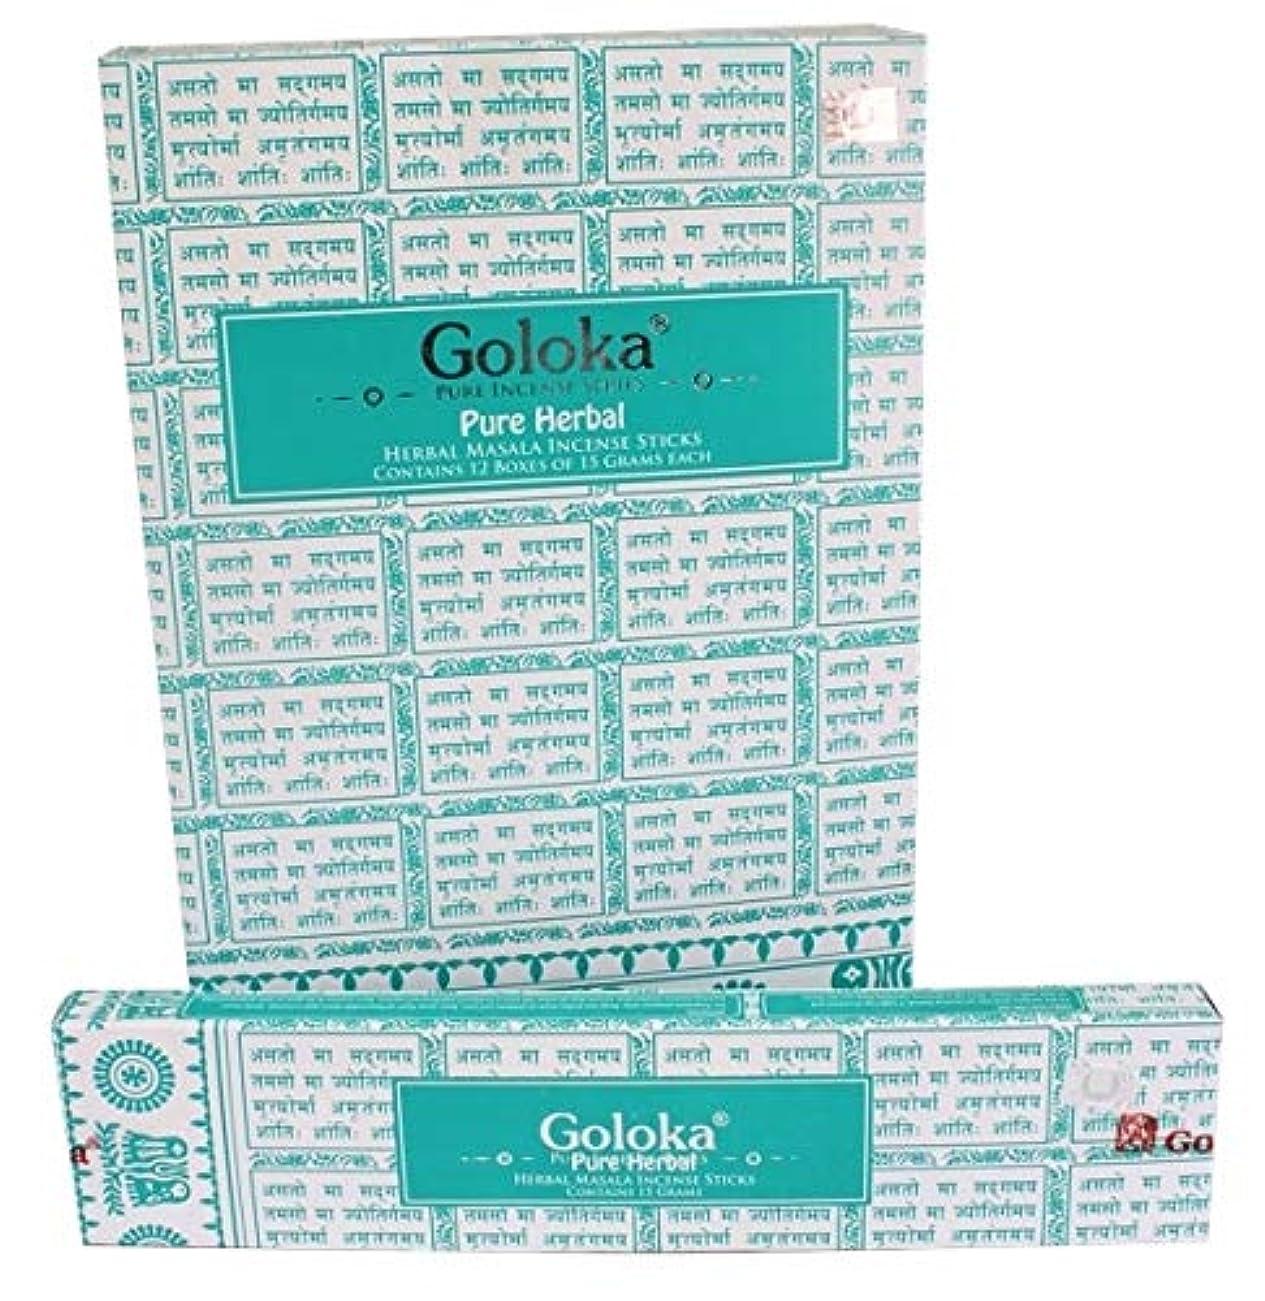 わかりやすい口頭小数Goloka – Pureハーブ – Herbal Incense Sticks – 12ボックスの15グラム合計180グラム